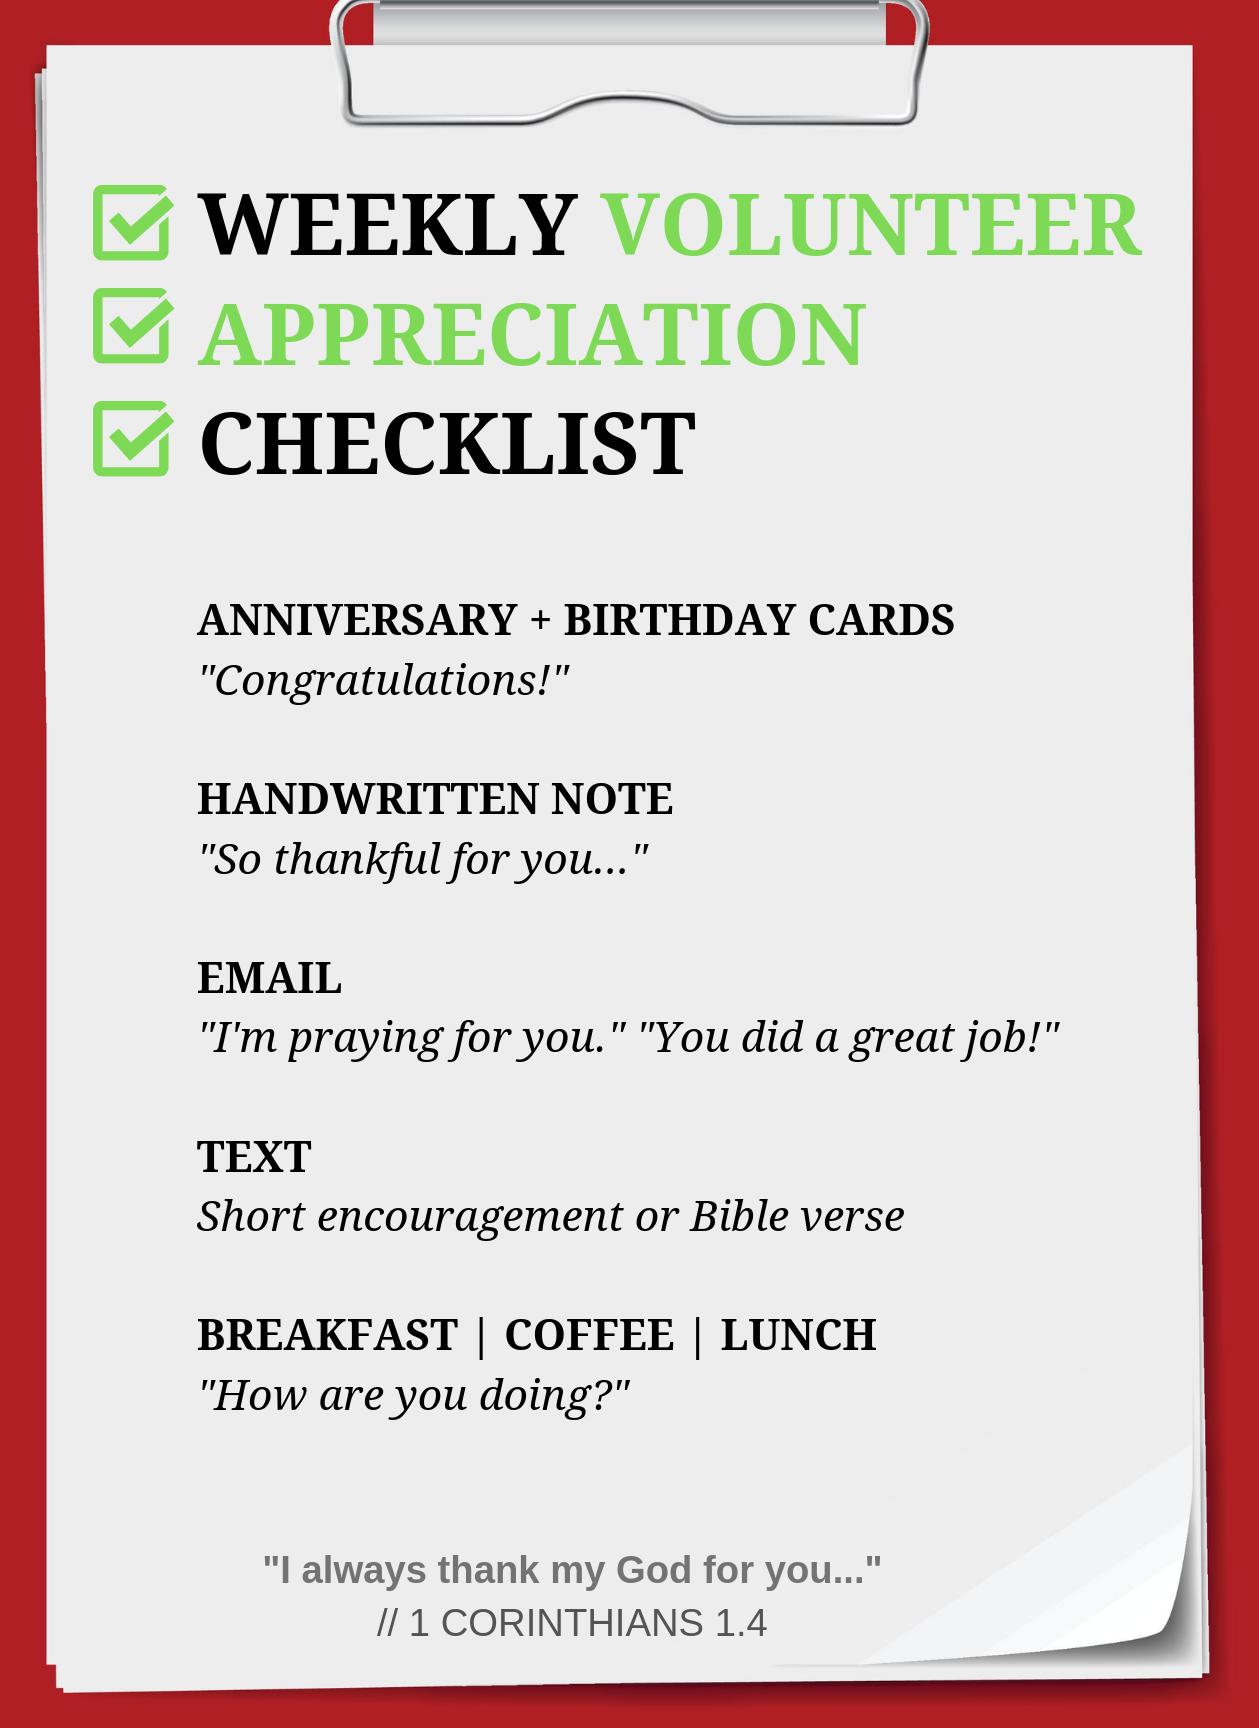 Weekly Appreciation Checklist.png